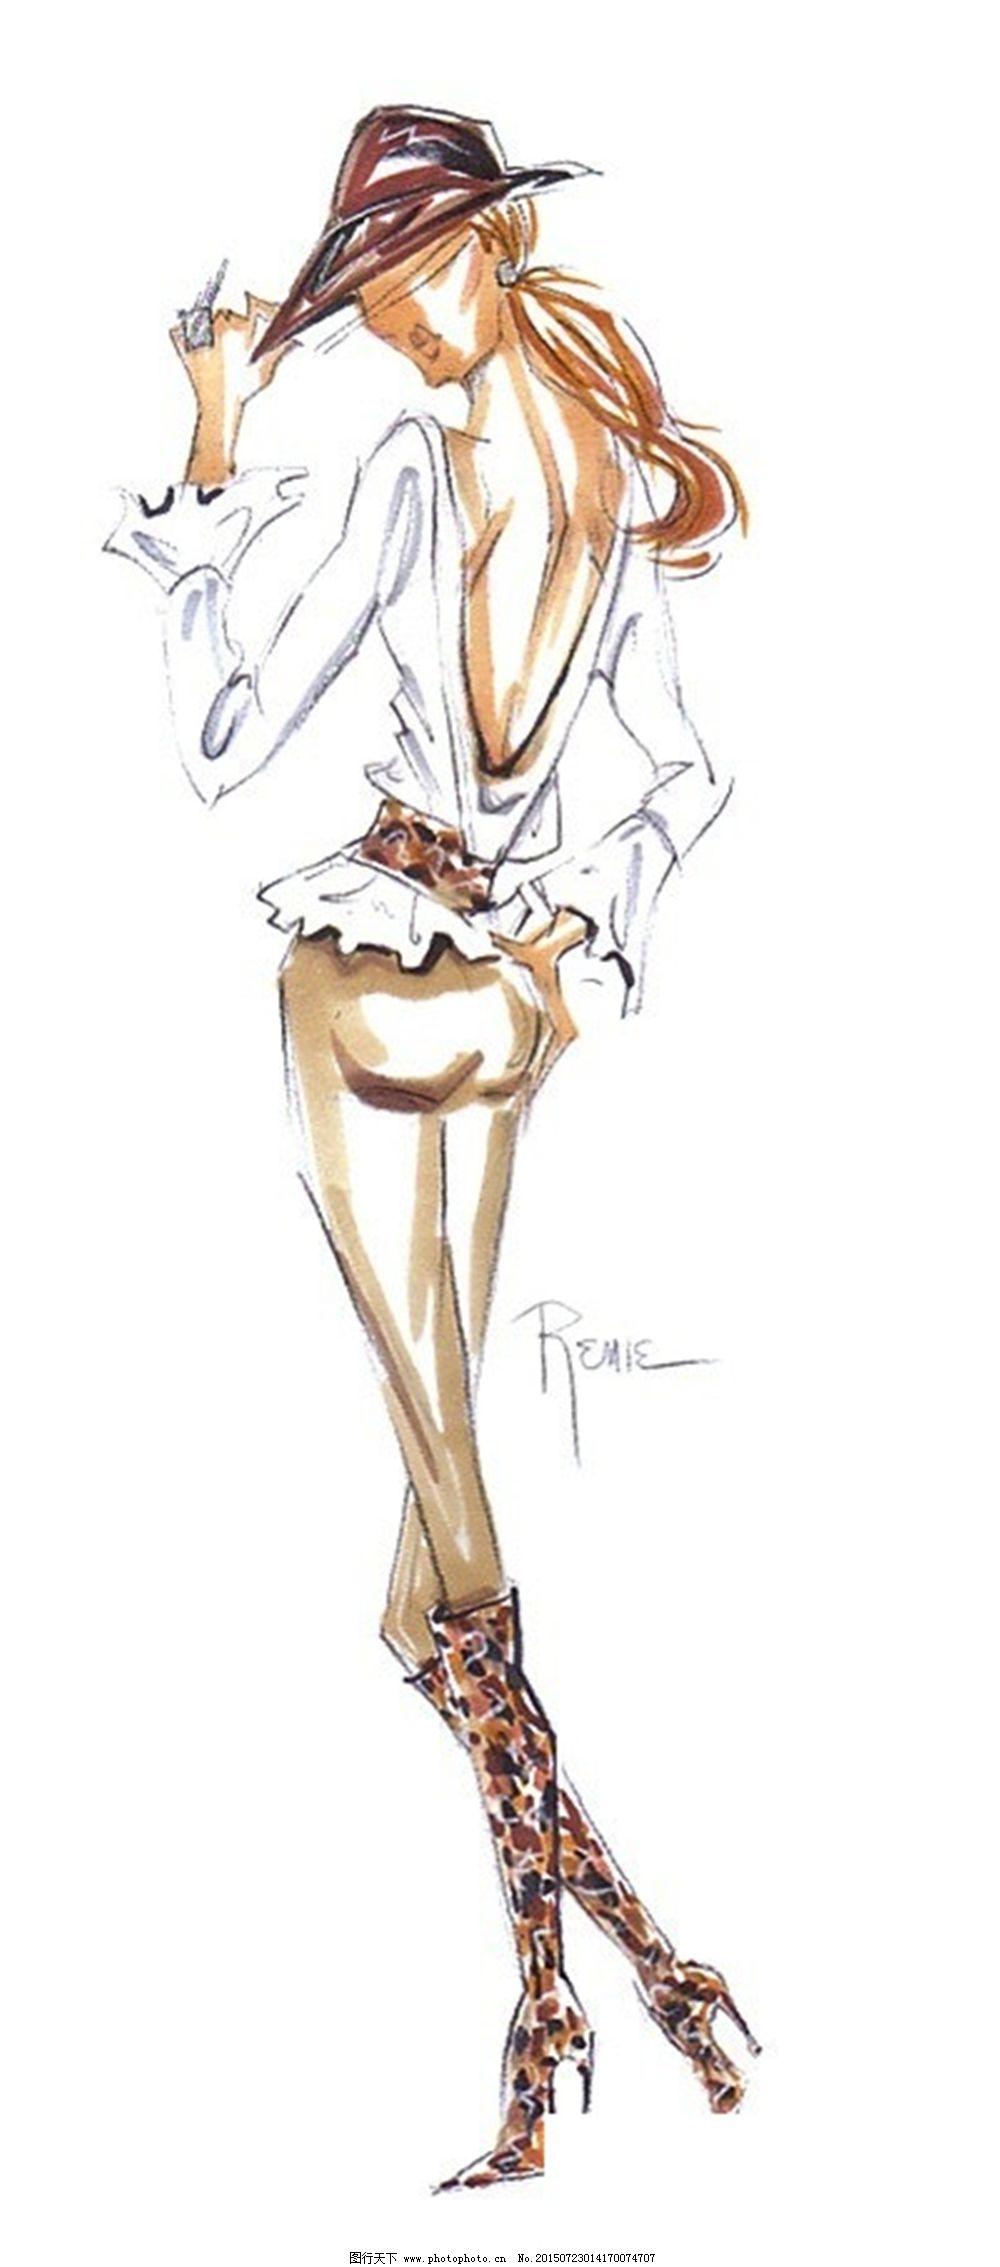 设计图库 服装设计 手绘服装设计    上传: 2015-7-23 大小: 1.